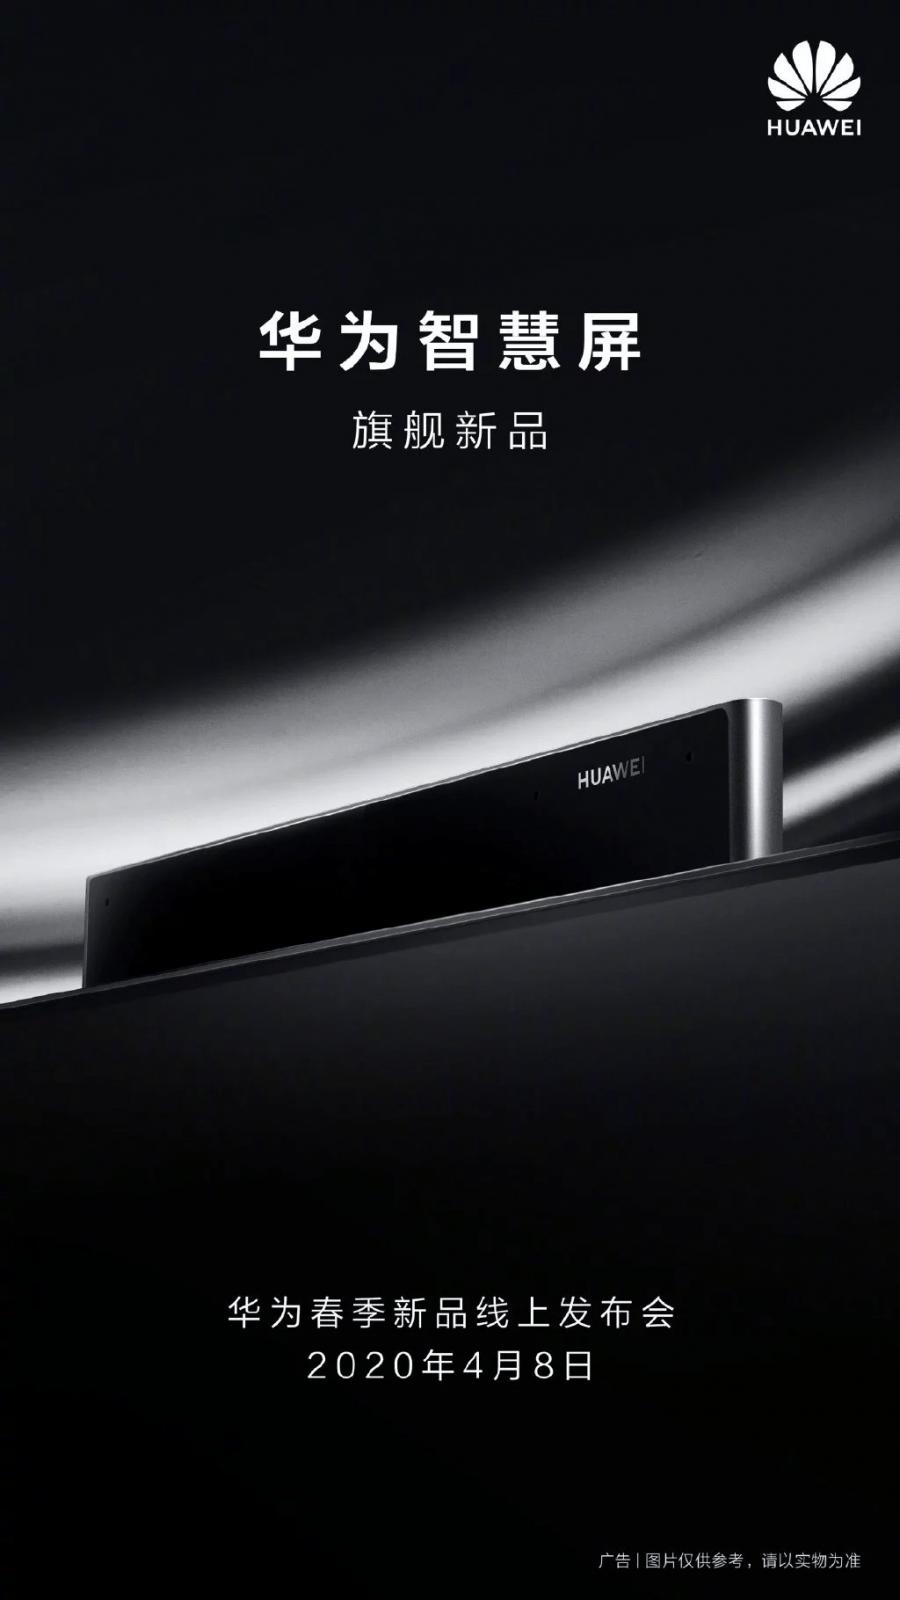 Huawei выпустит свой умный телевизор (bez nazvanija 0 large)